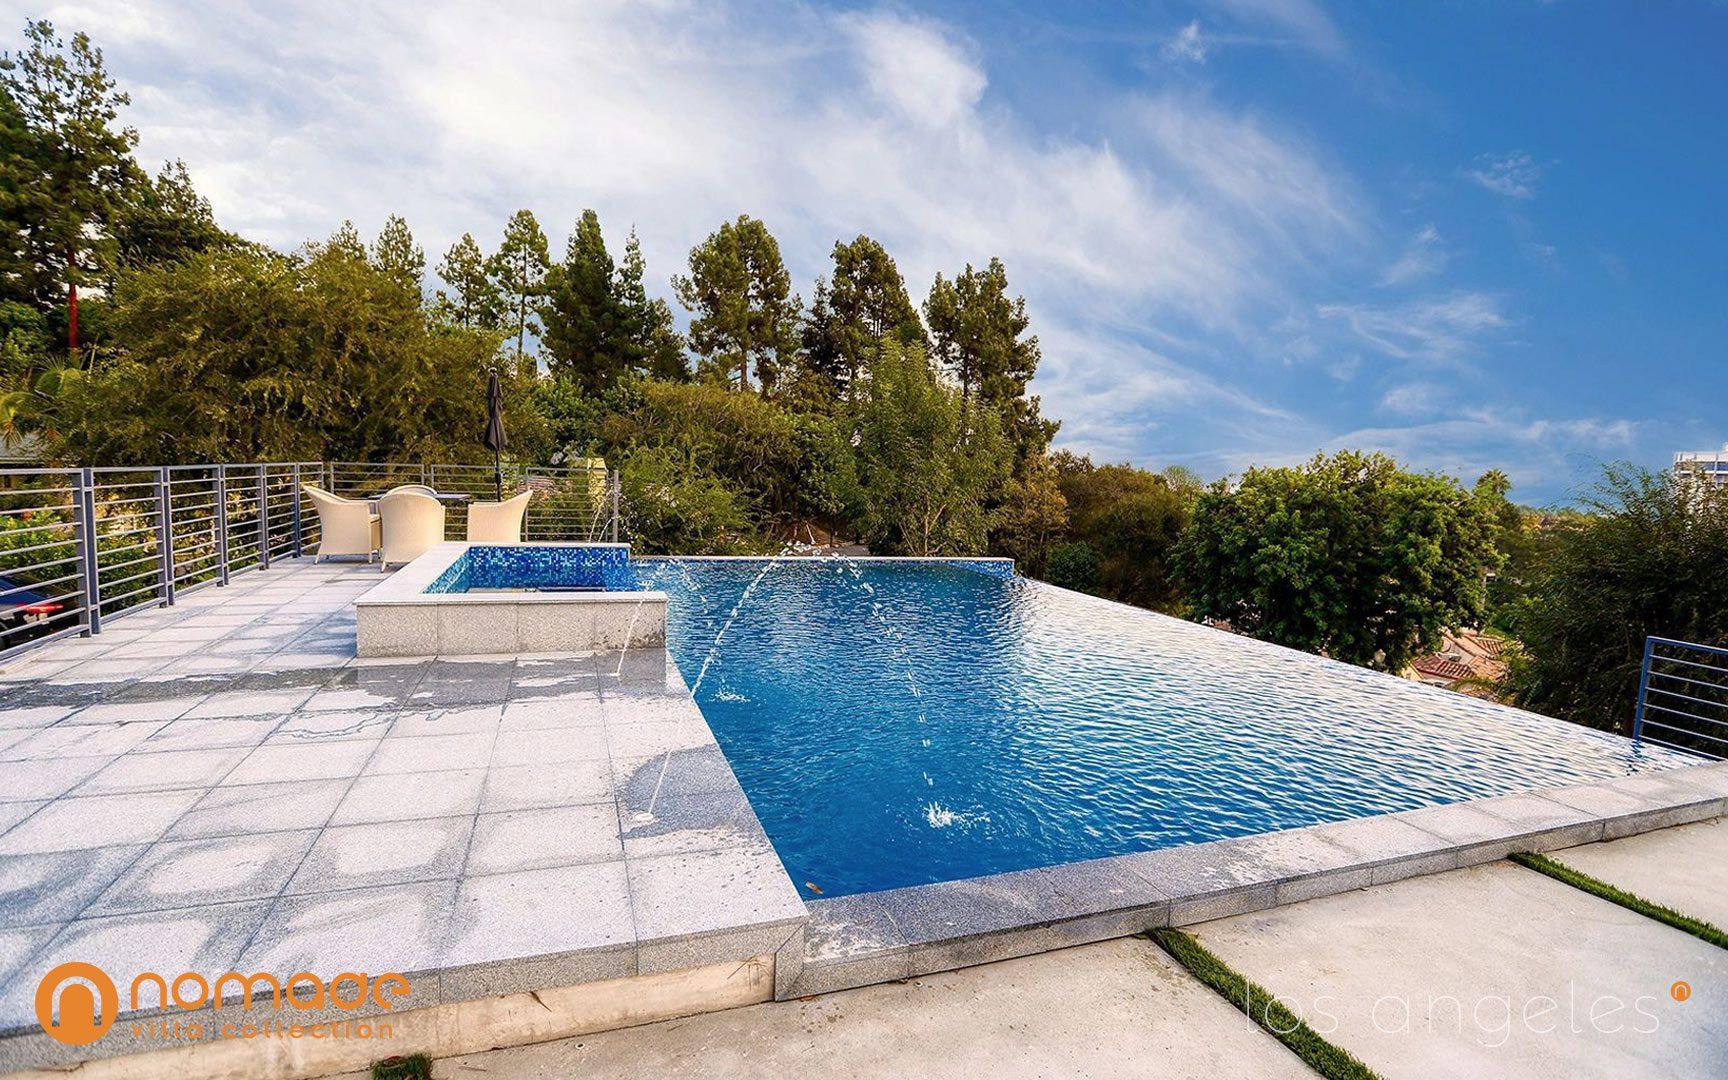 Casa Bellagio - Luxury Vacation Rental in Los Angeles - Nomade Villa Collection